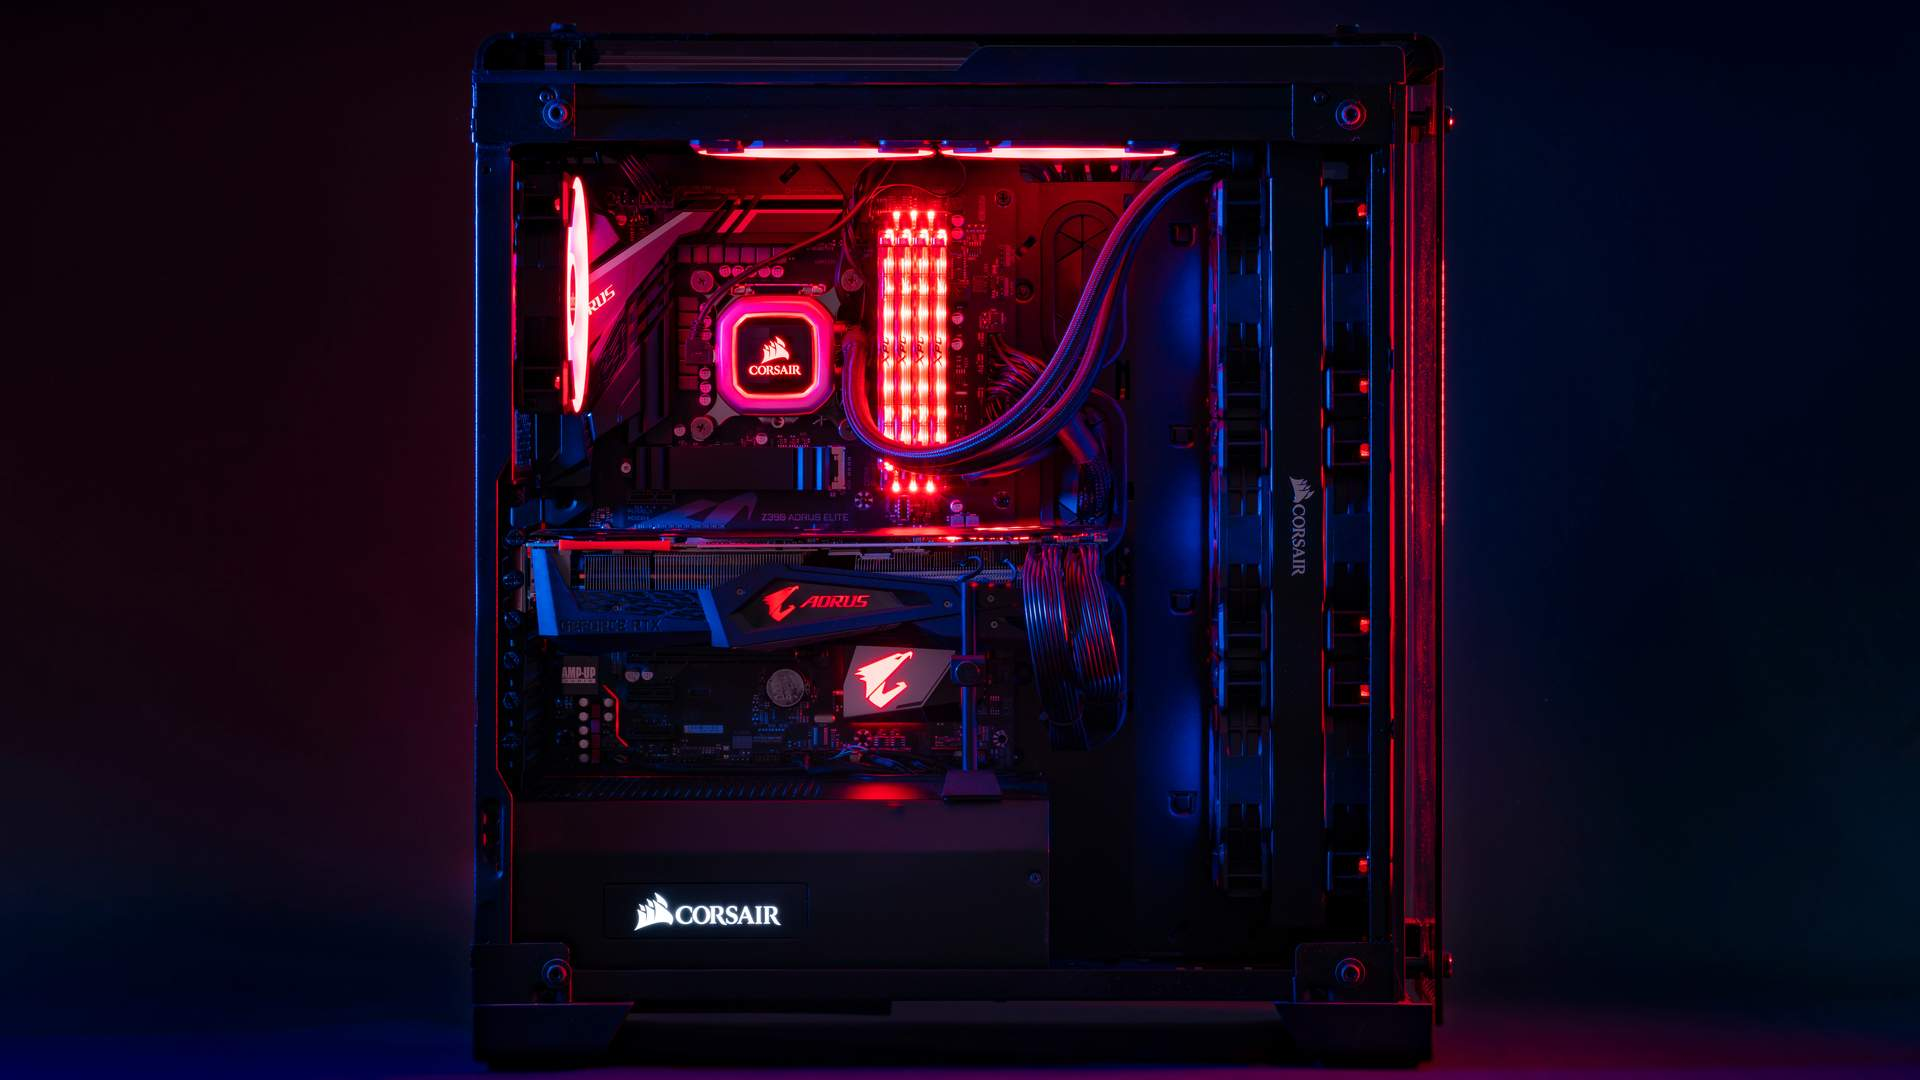 parte interna de um computador gamer da marca corsair com luzes rgb em tom vermelho